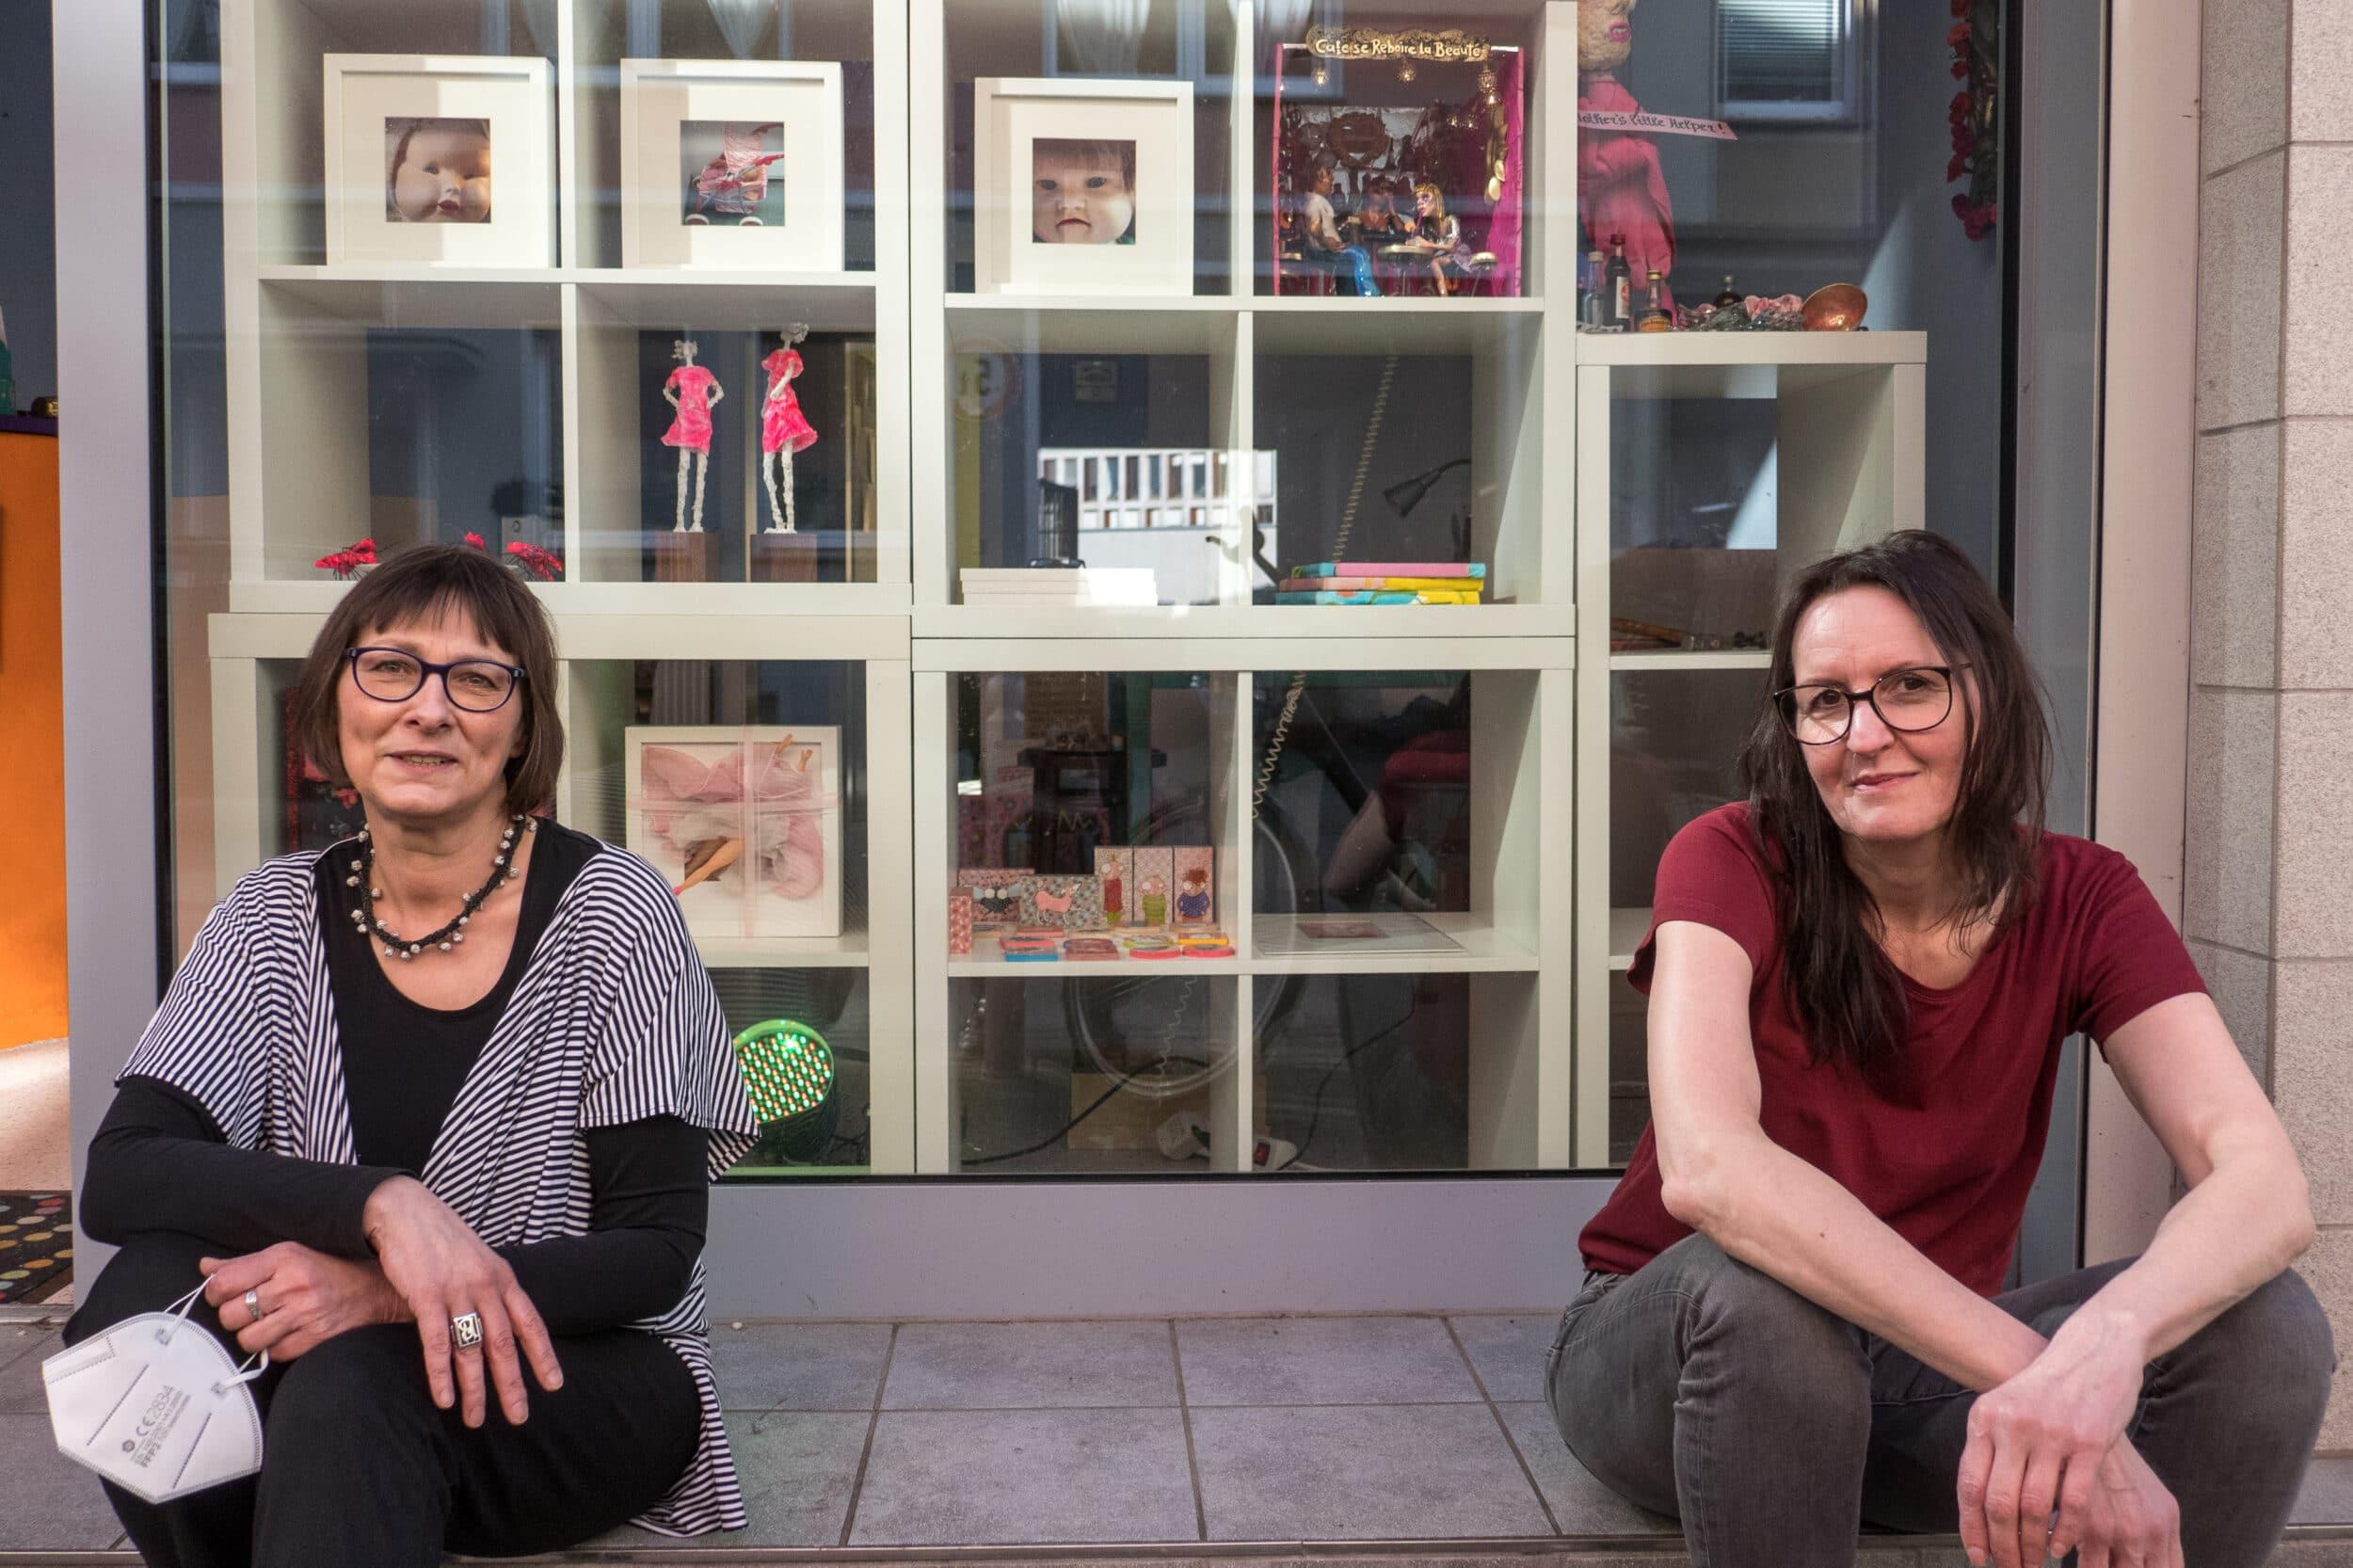 Das Regal randvoll, es kann also losgehen: Galeristin Karin Schmidt sowie Claudia König (v. l. n. r.) freuen sich auf die Ausstellungseröffnung. (Fotos: Hendrik Müller)